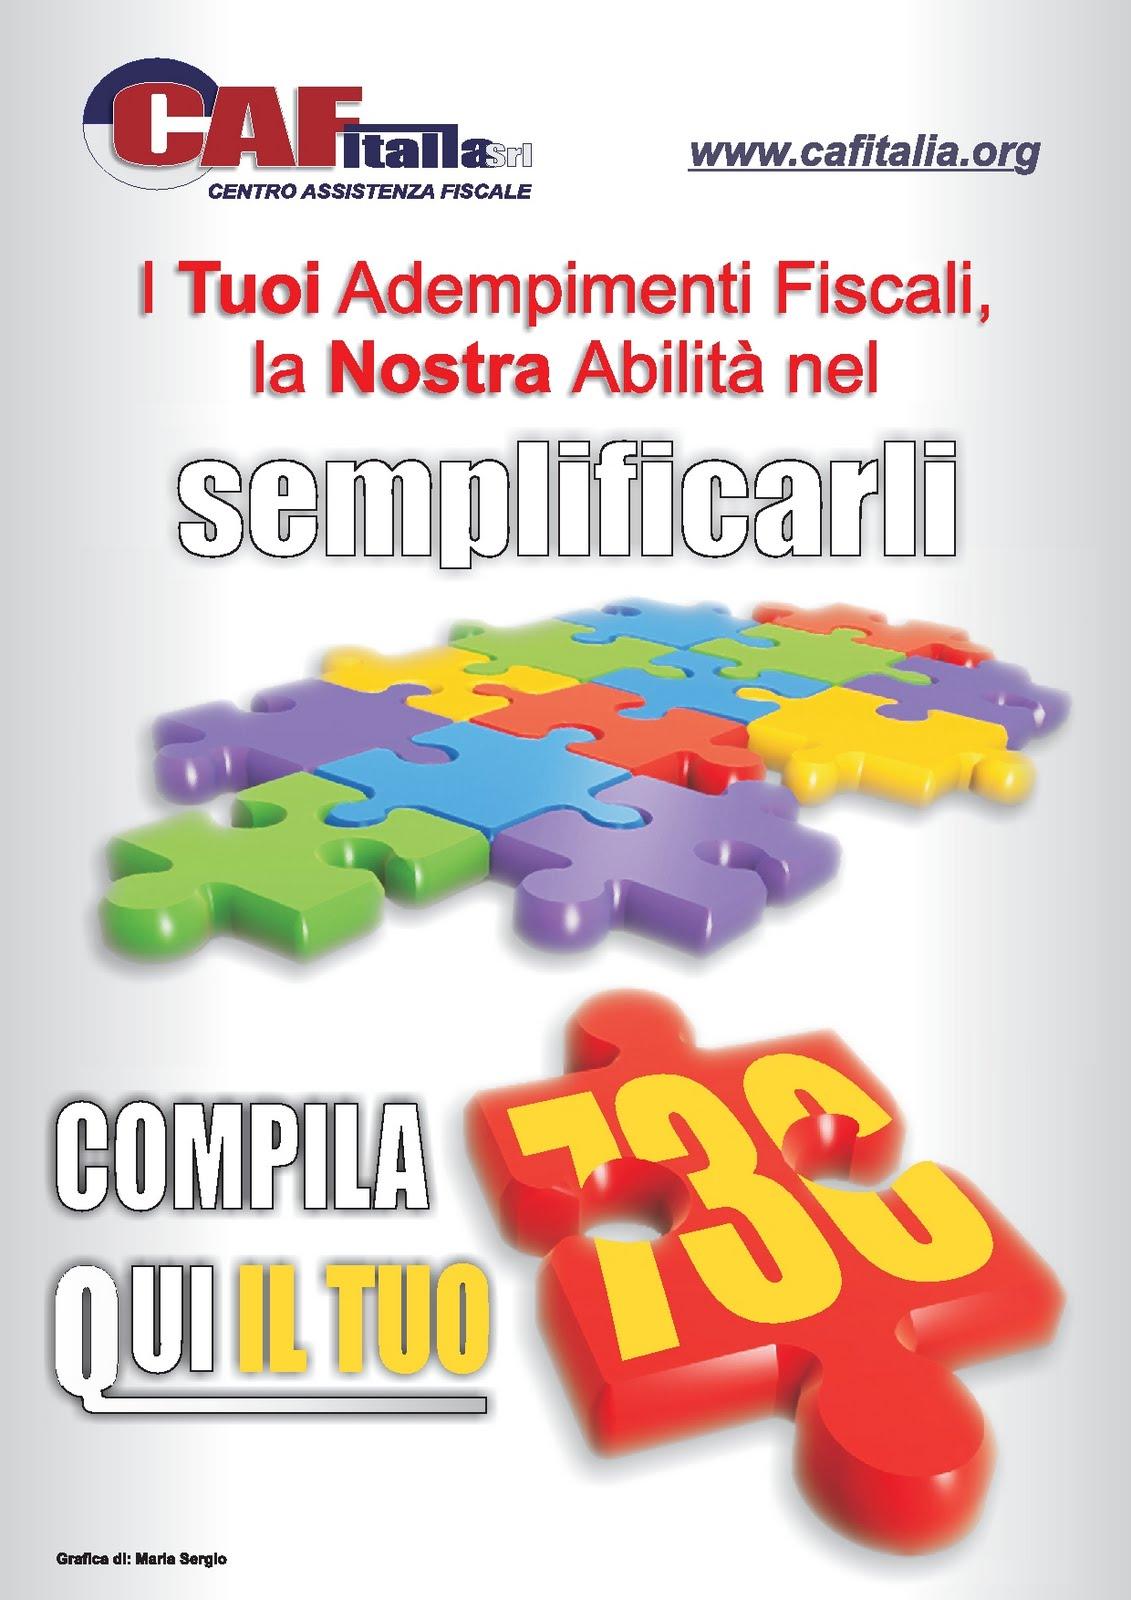 Caf italia srl patronato epas trani - Termine presentazione 730 ...